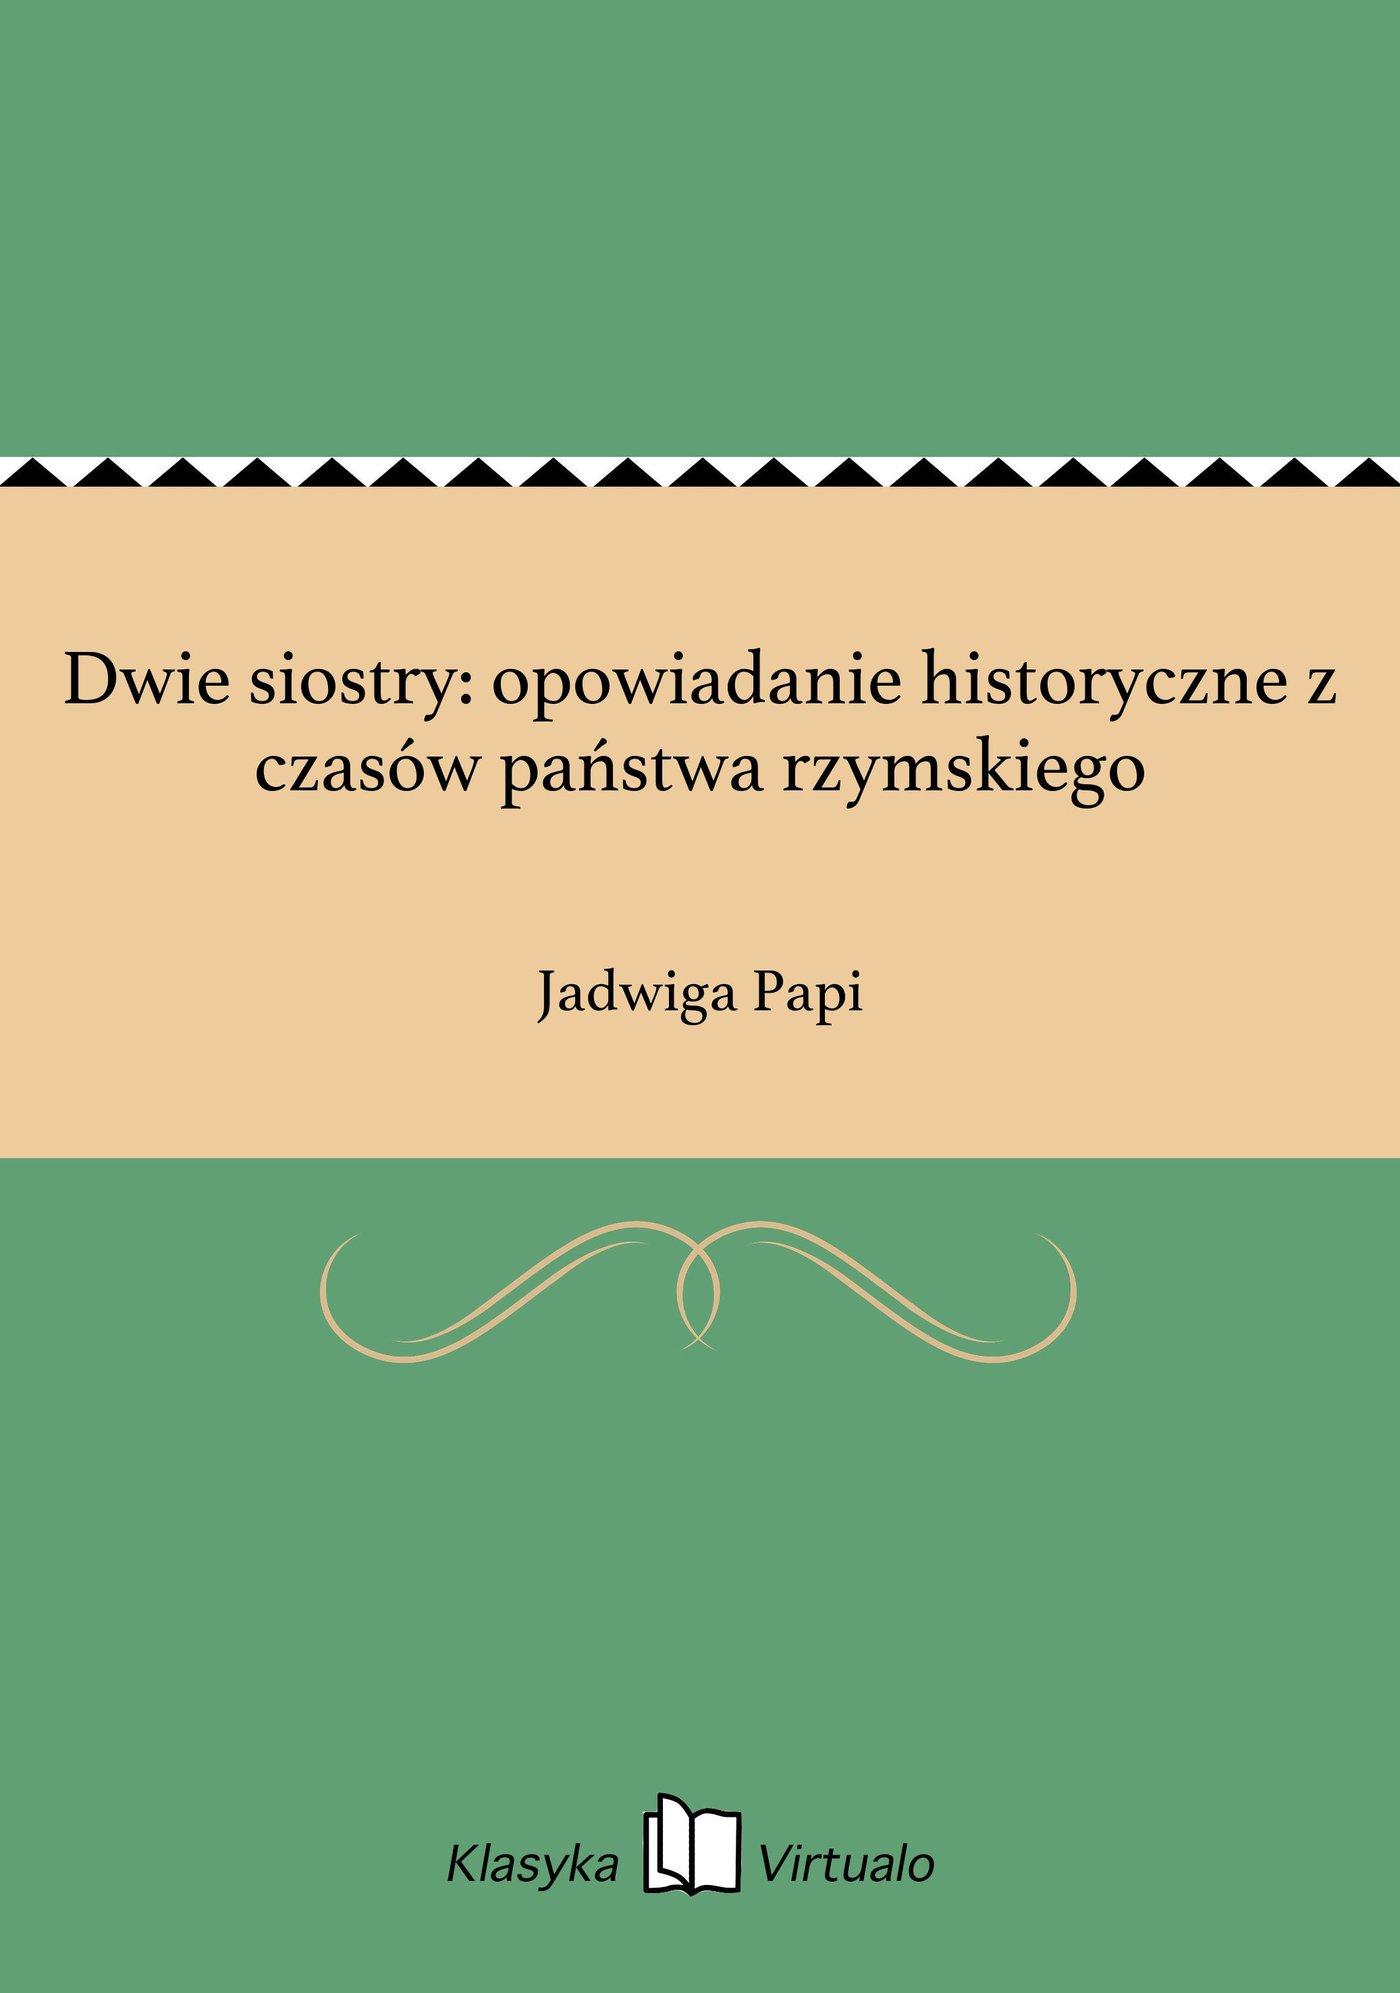 Dwie siostry: opowiadanie historyczne z czasów państwa rzymskiego - Ebook (Książka EPUB) do pobrania w formacie EPUB